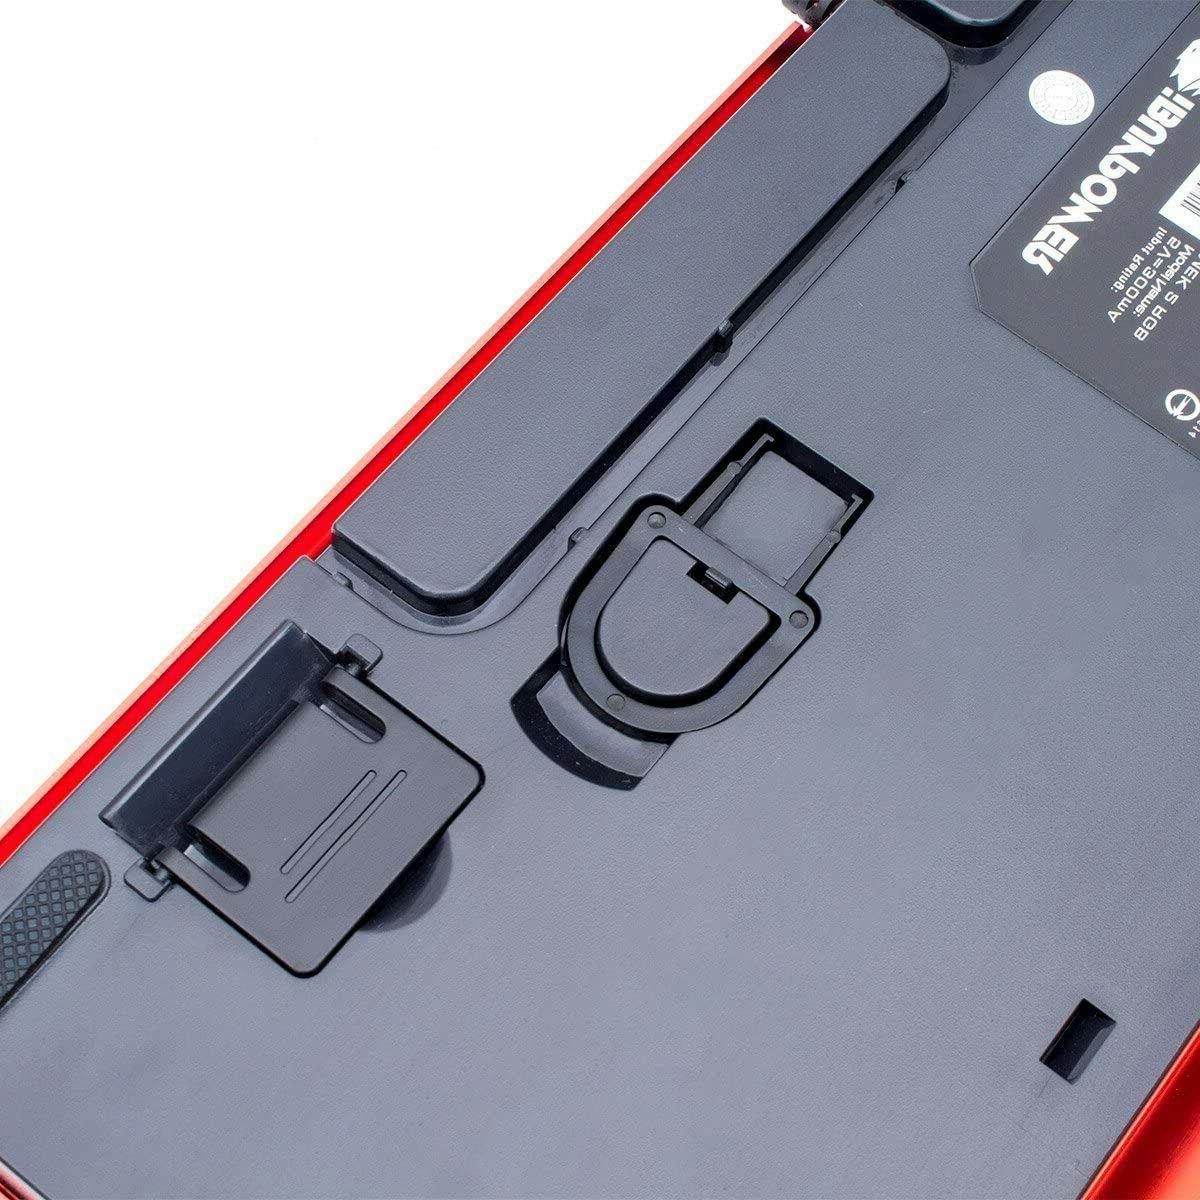 iBUYPOWER MEK 2 Red LED Backlit Keyboard USB For PC